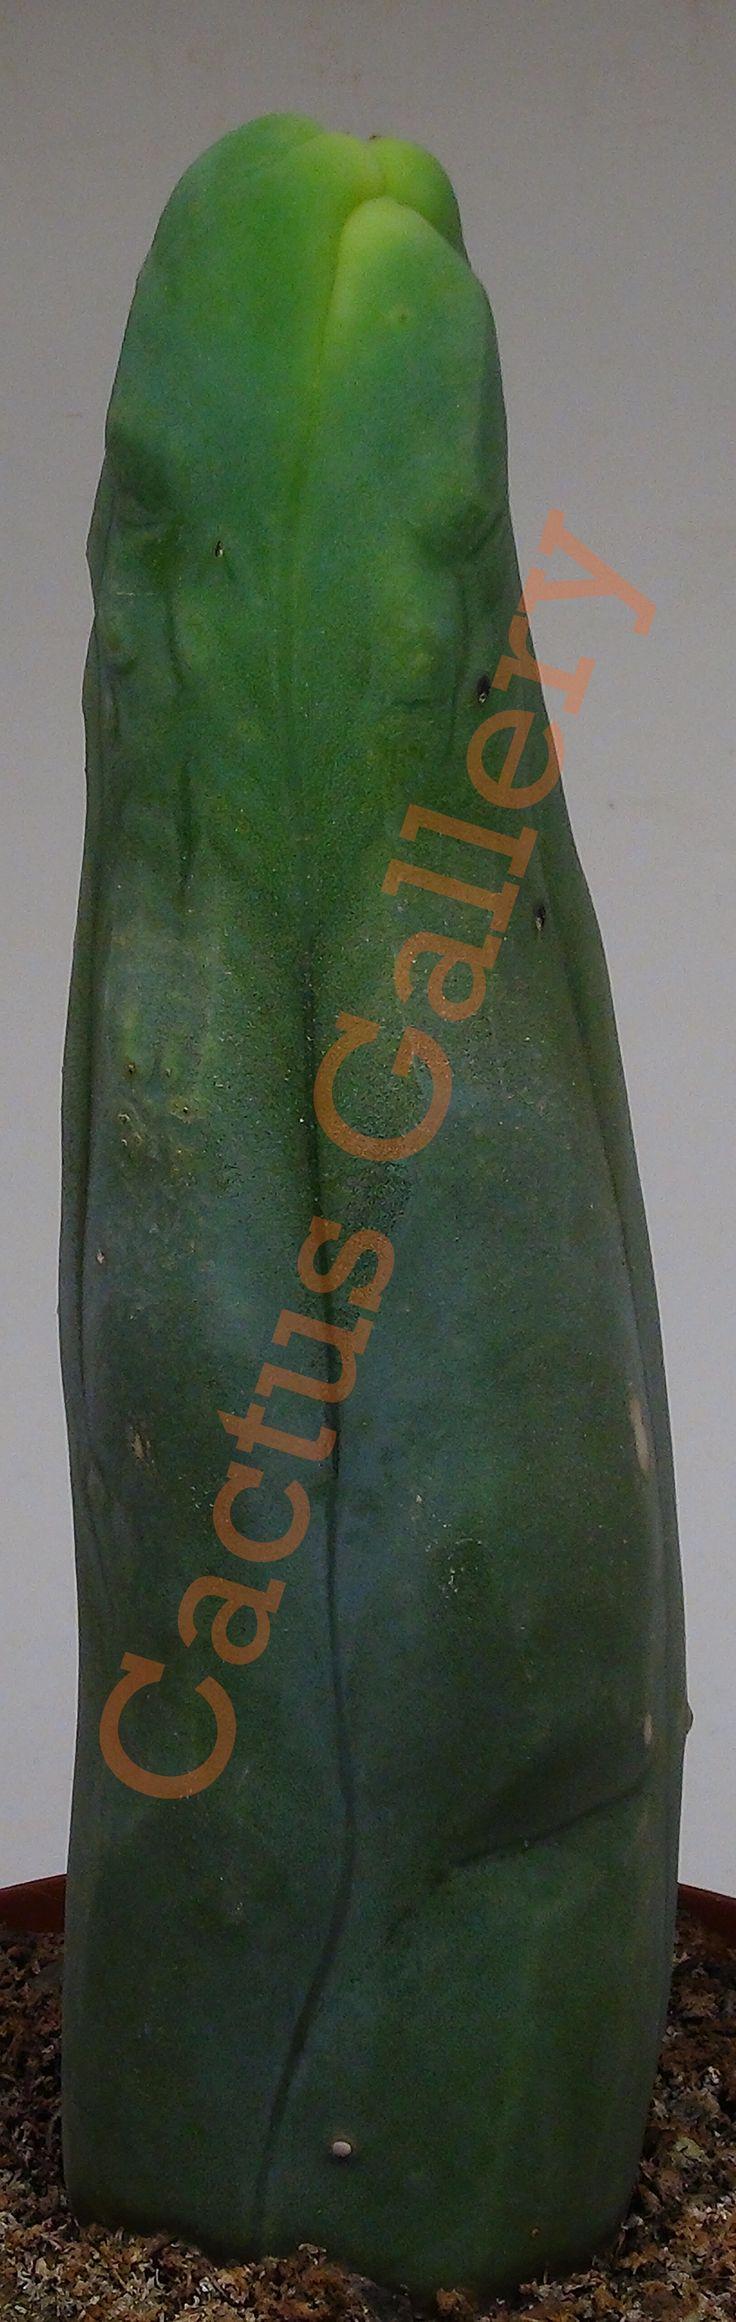 Trichocereus bridgesii mostruoso Cactus Gallery